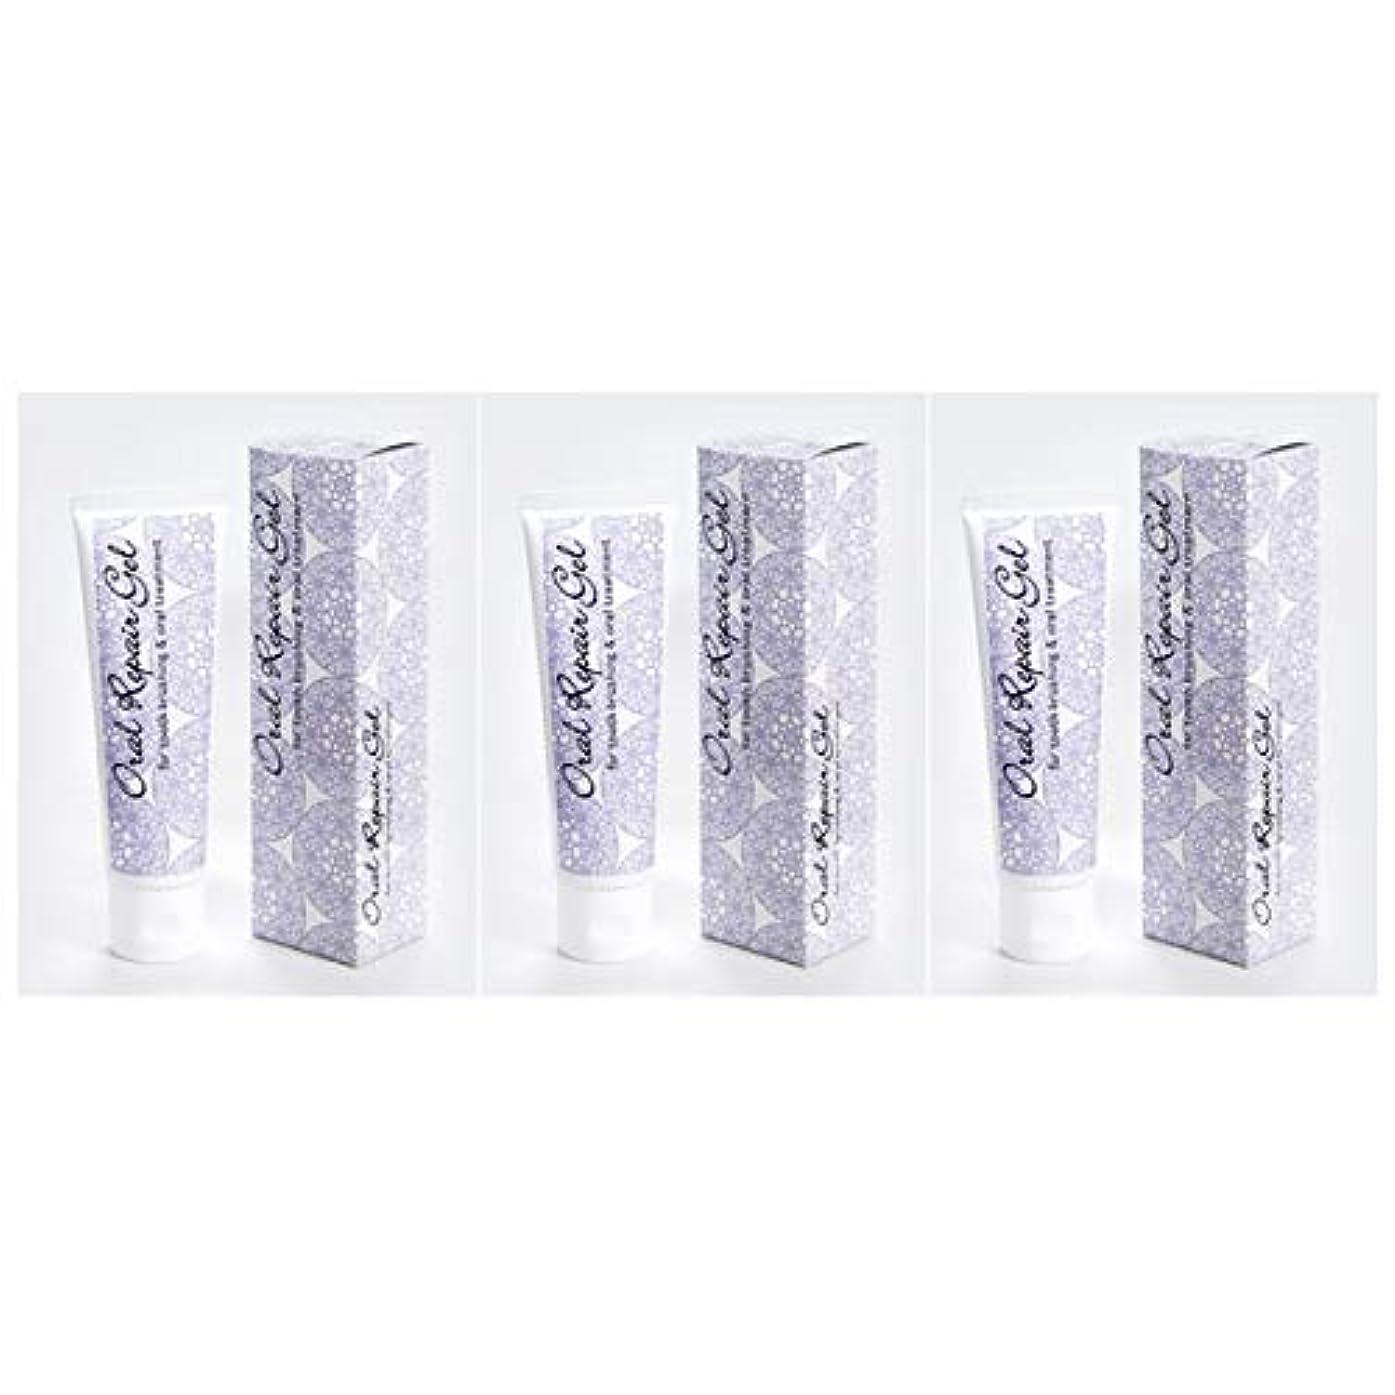 アプトずらす残りオーラルリペアジェル3個セット(80g×3個) 天然アパタイト+乳酸菌生産物質配合の無添加歯磨き剤